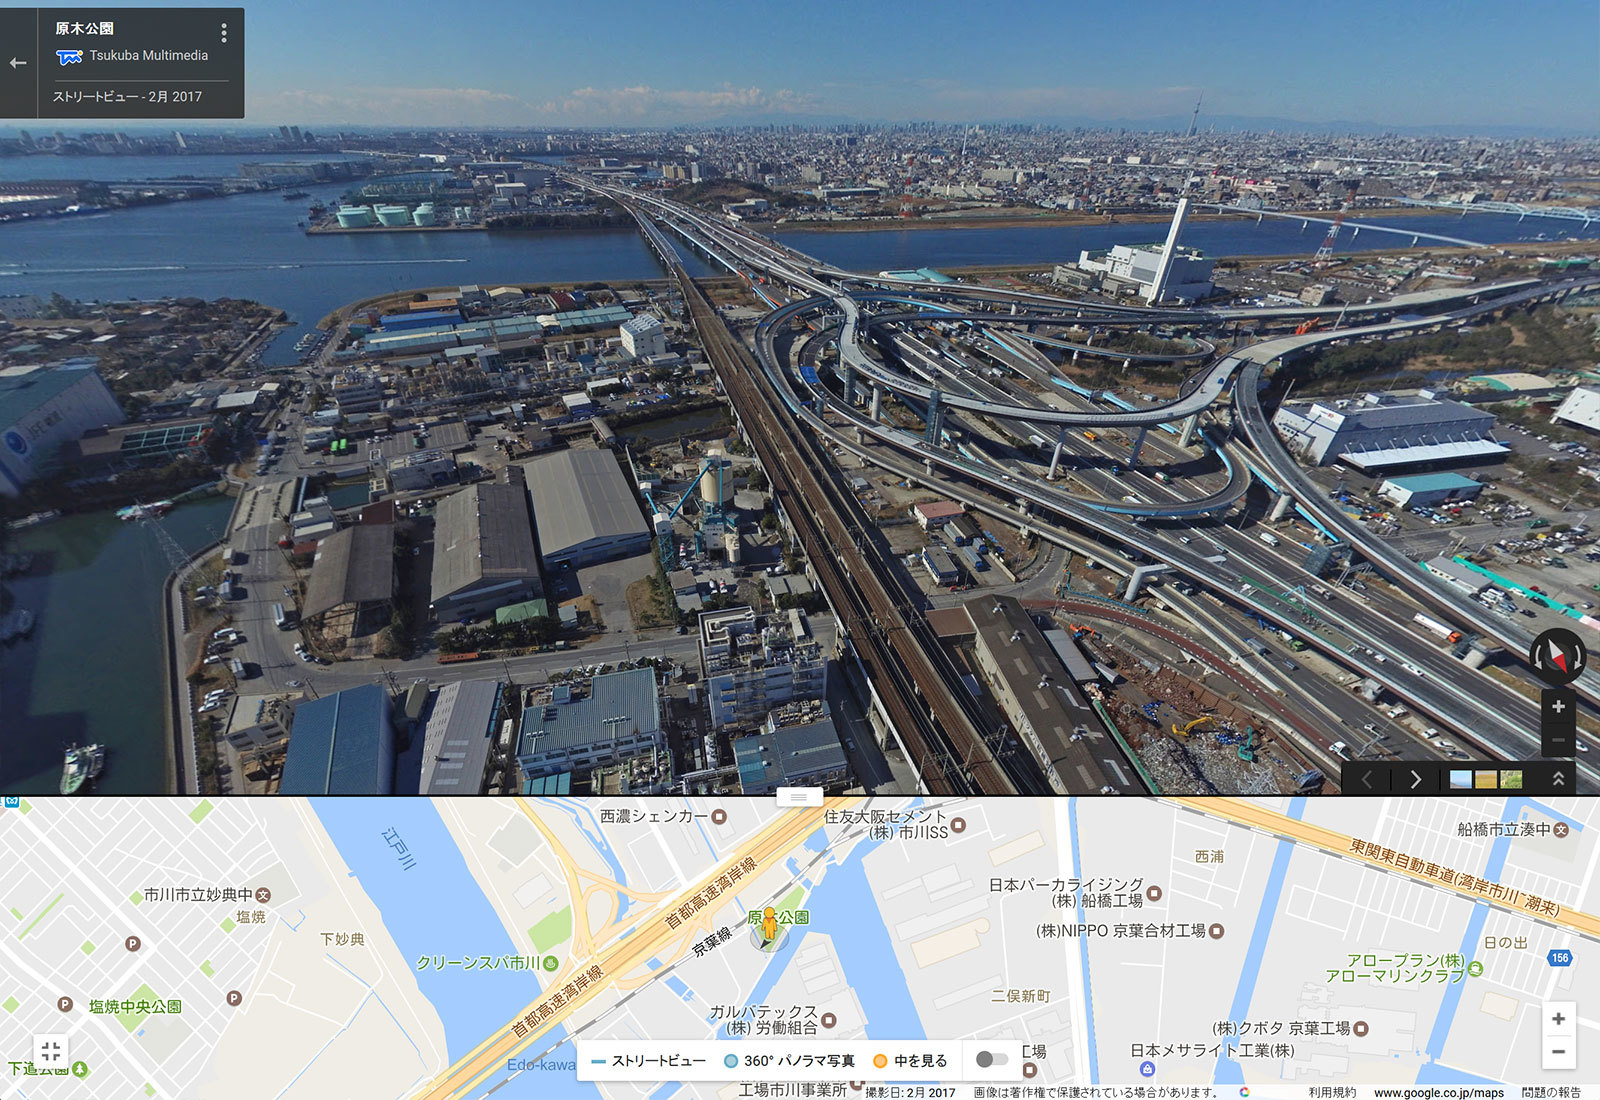 空撮によるパノラマ写真(市川付近港湾)